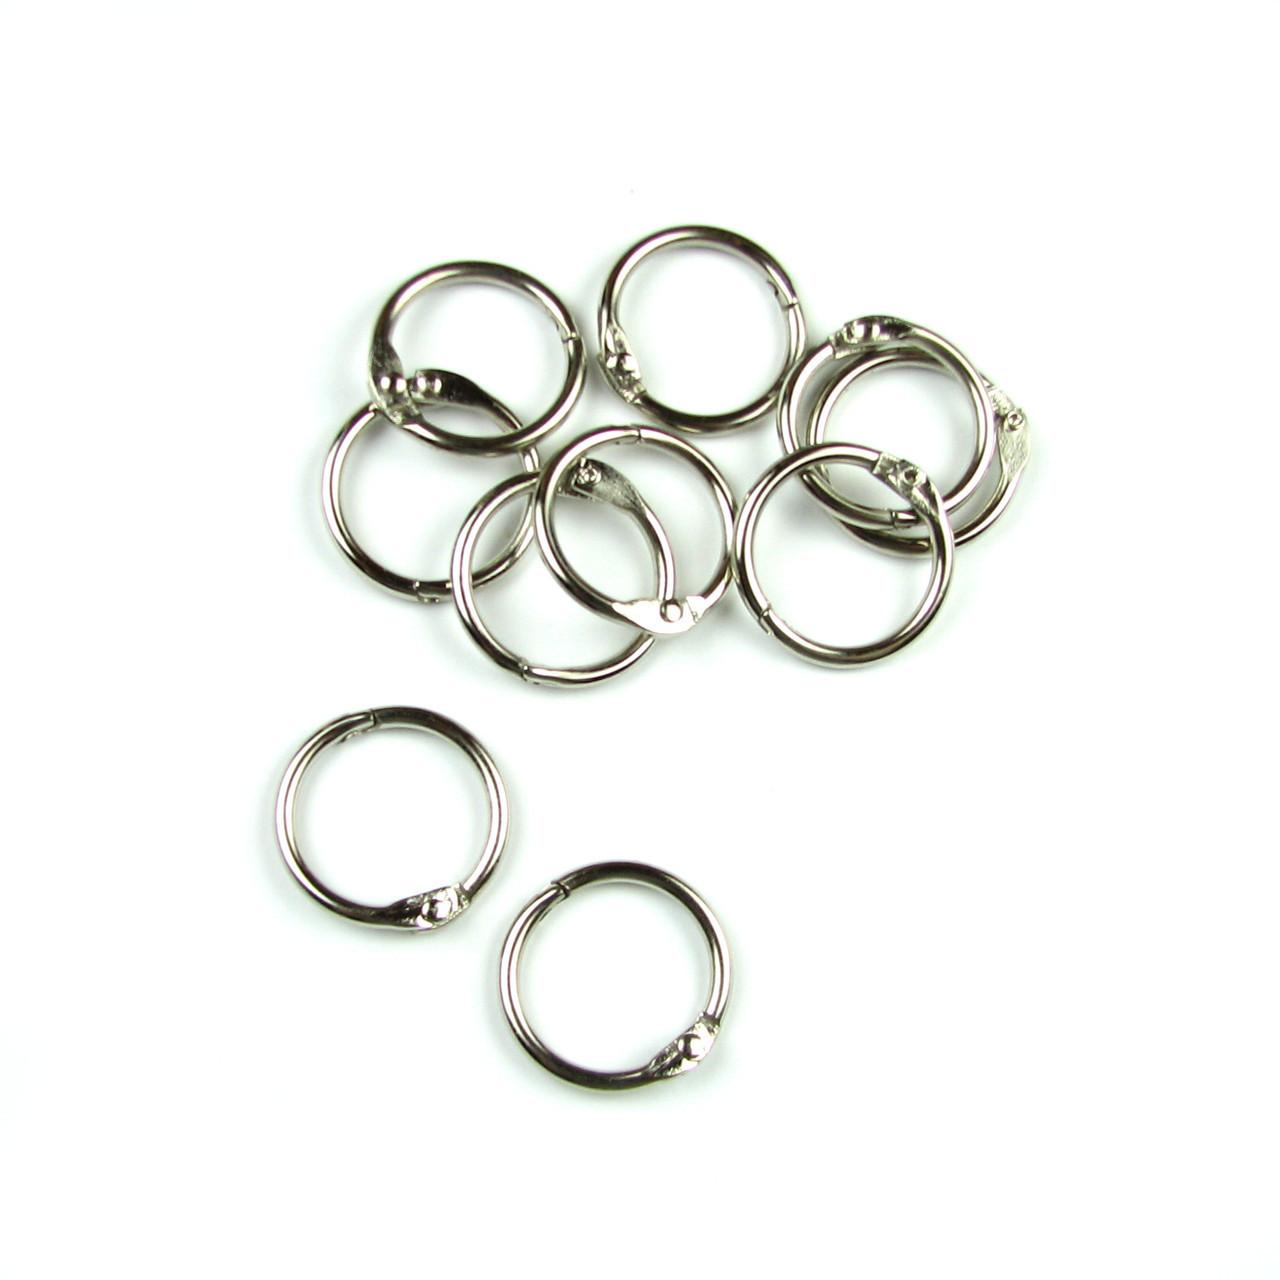 Кольца для альбомов, серебро 30мм 2шт в наборе